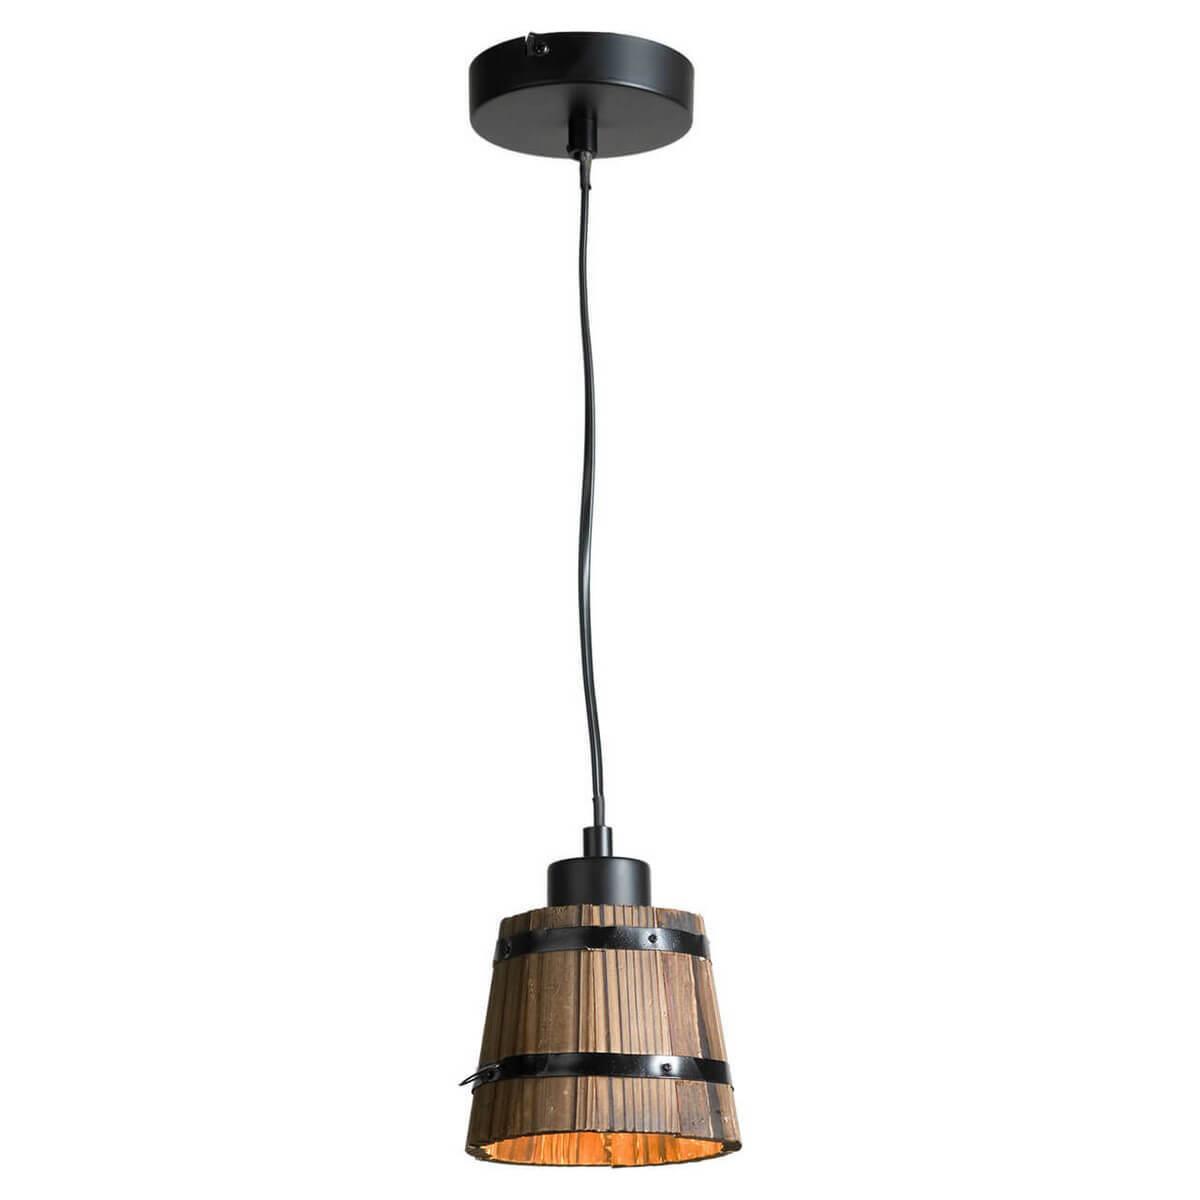 Фото - Подвесной светильник Lussole LOFT LSP-9530, E27, 40 Вт подвеcной светильник lussole loft lsp 9697